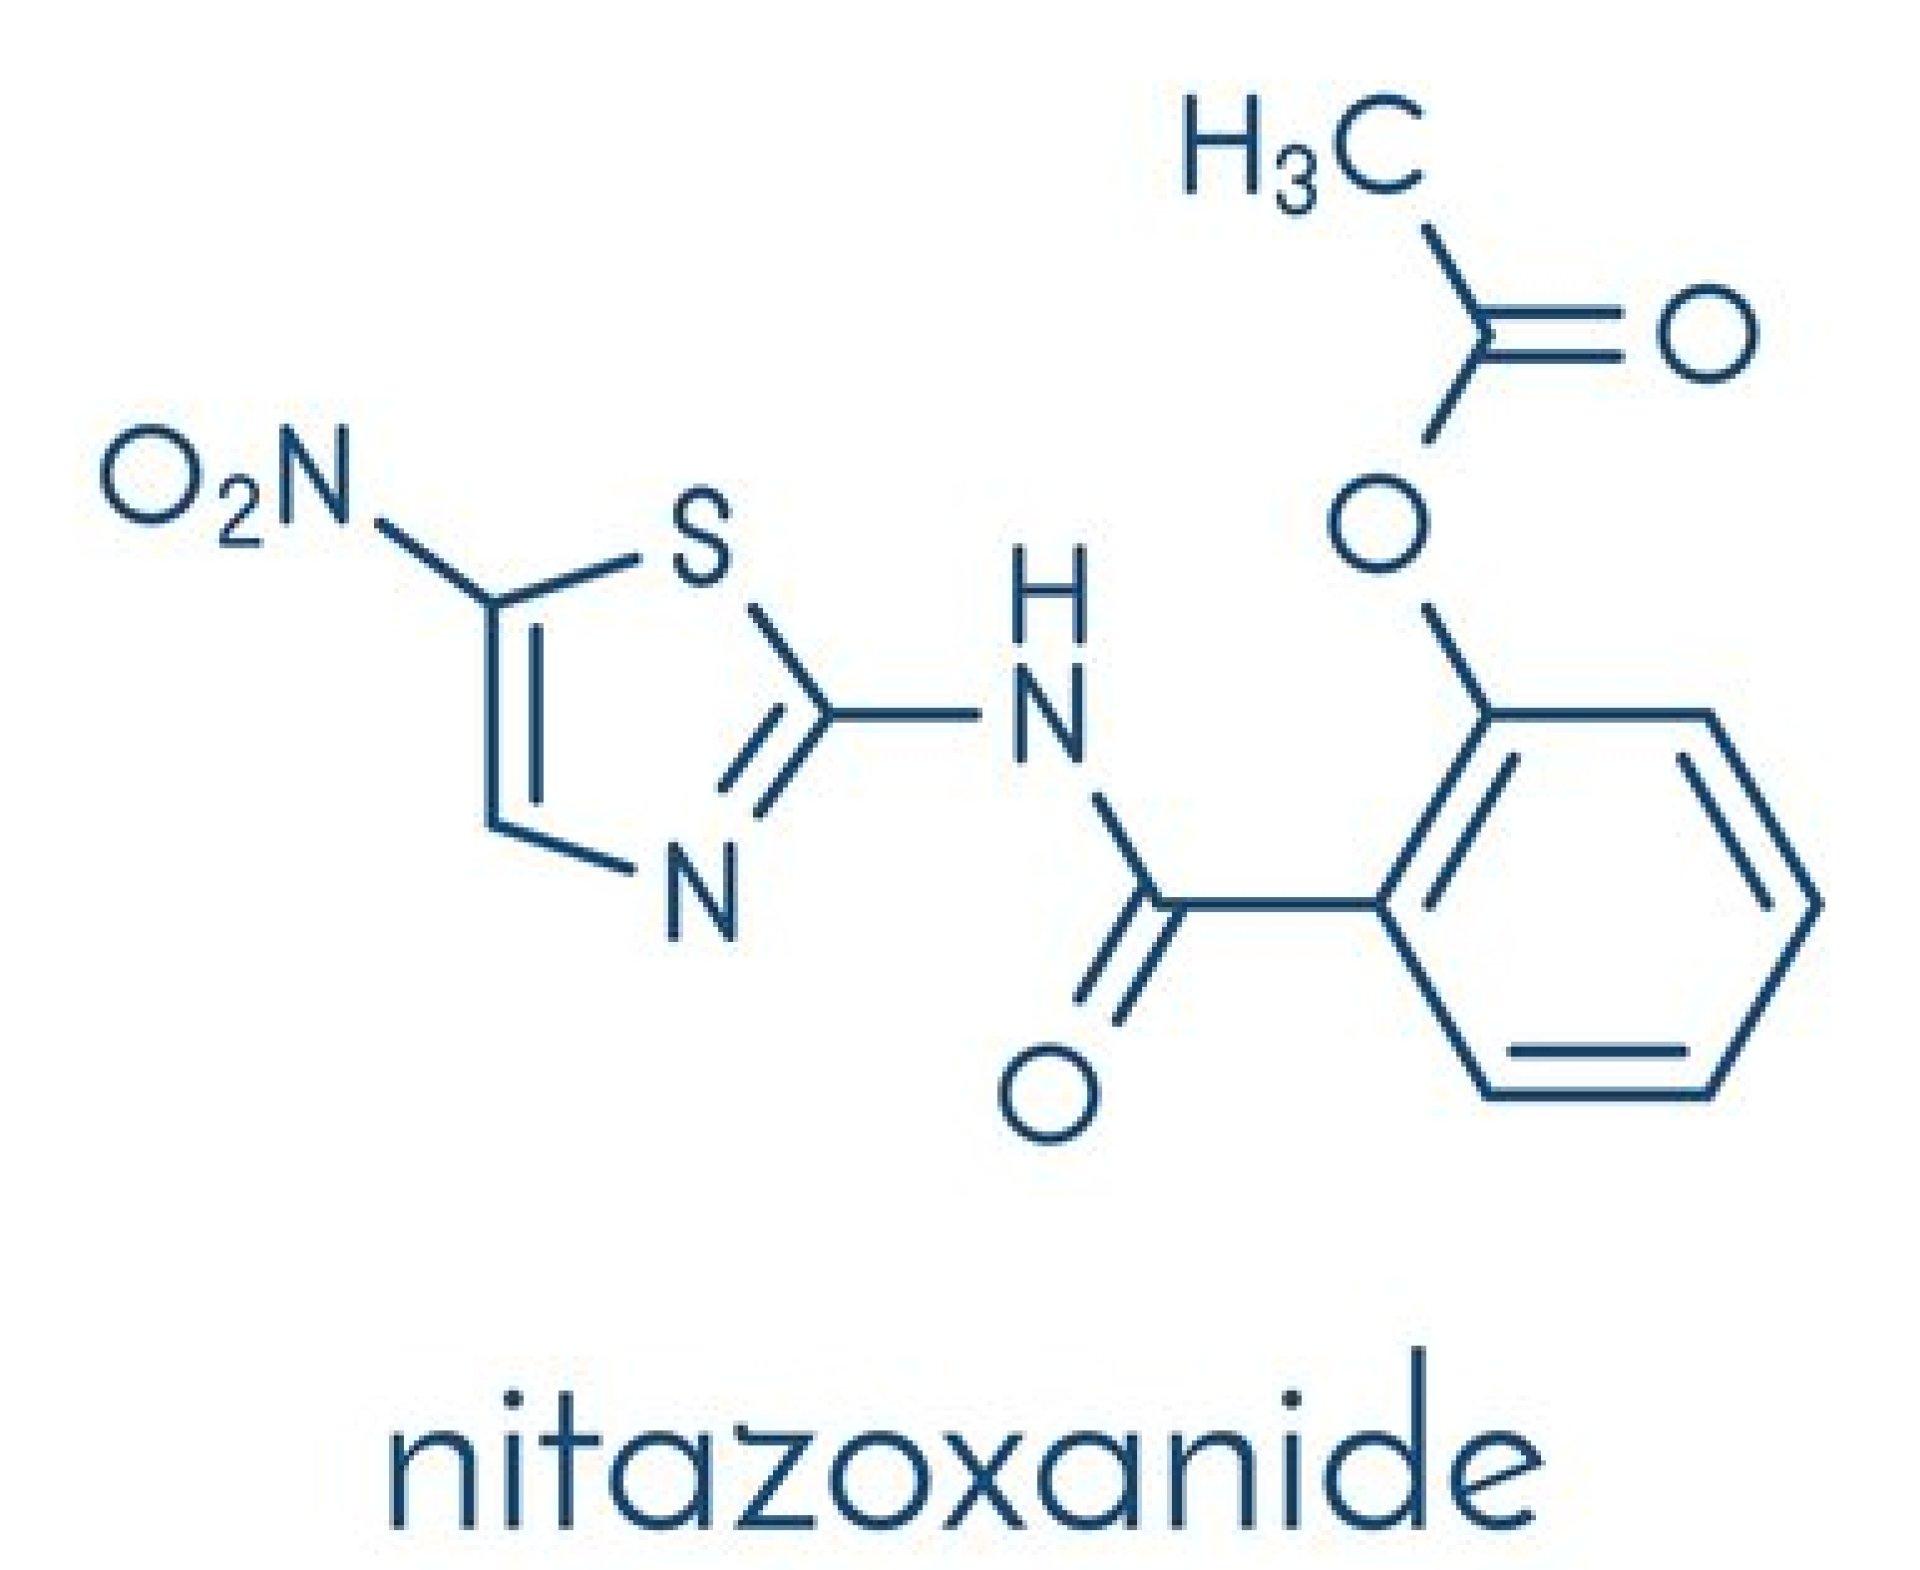 Solo una persona tratada con NT-300 en los ensayos clínicos progresó a la enfermedad COVID-19 grave (Shutterstock)